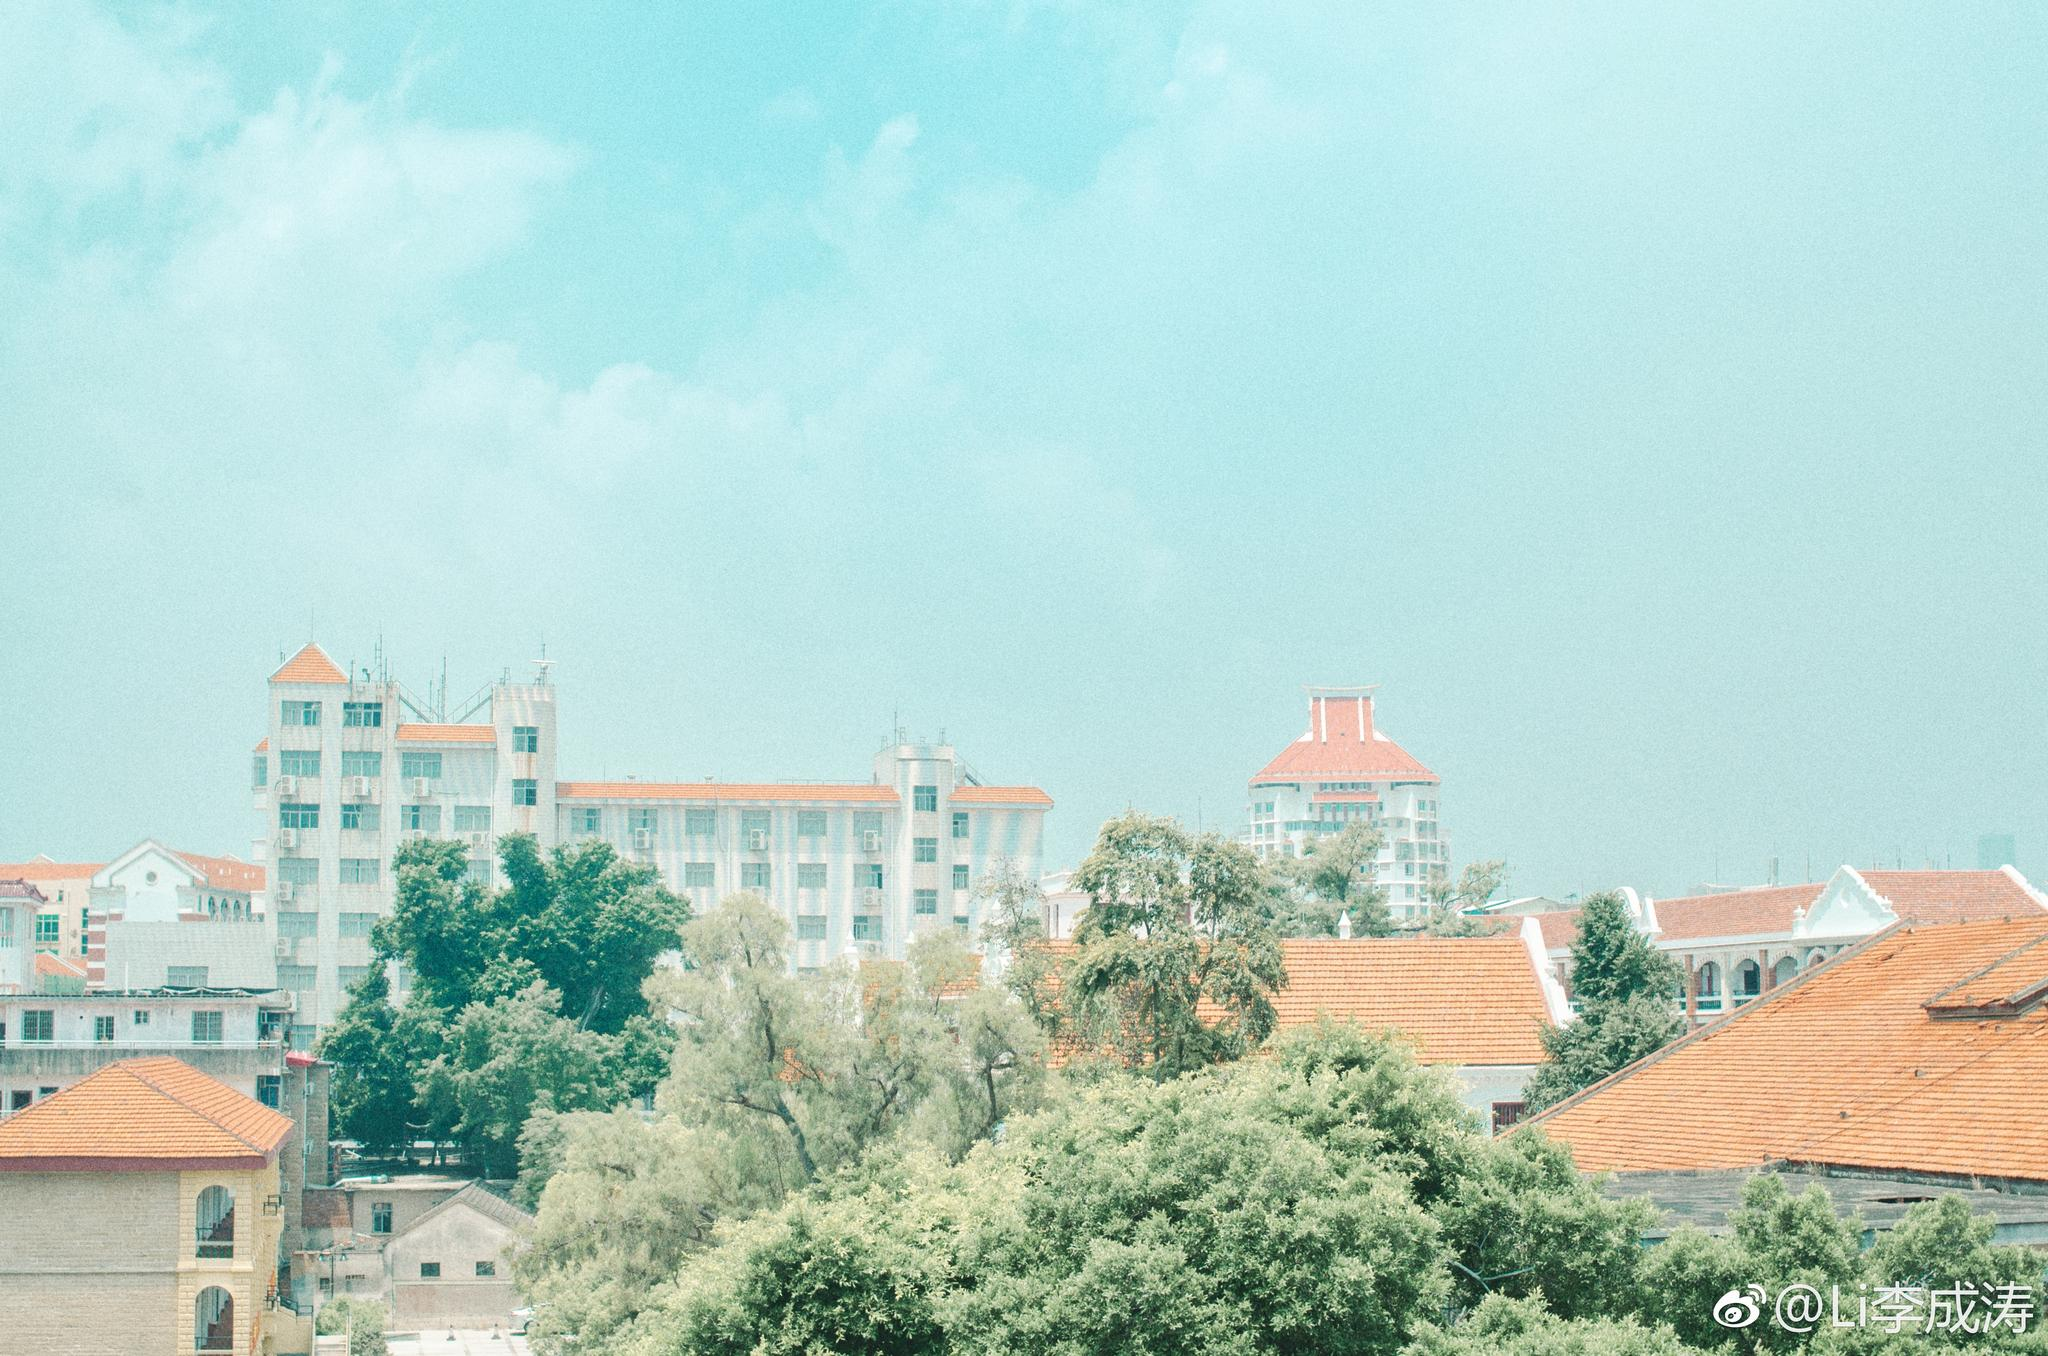 集美学村 小街道 红房顶